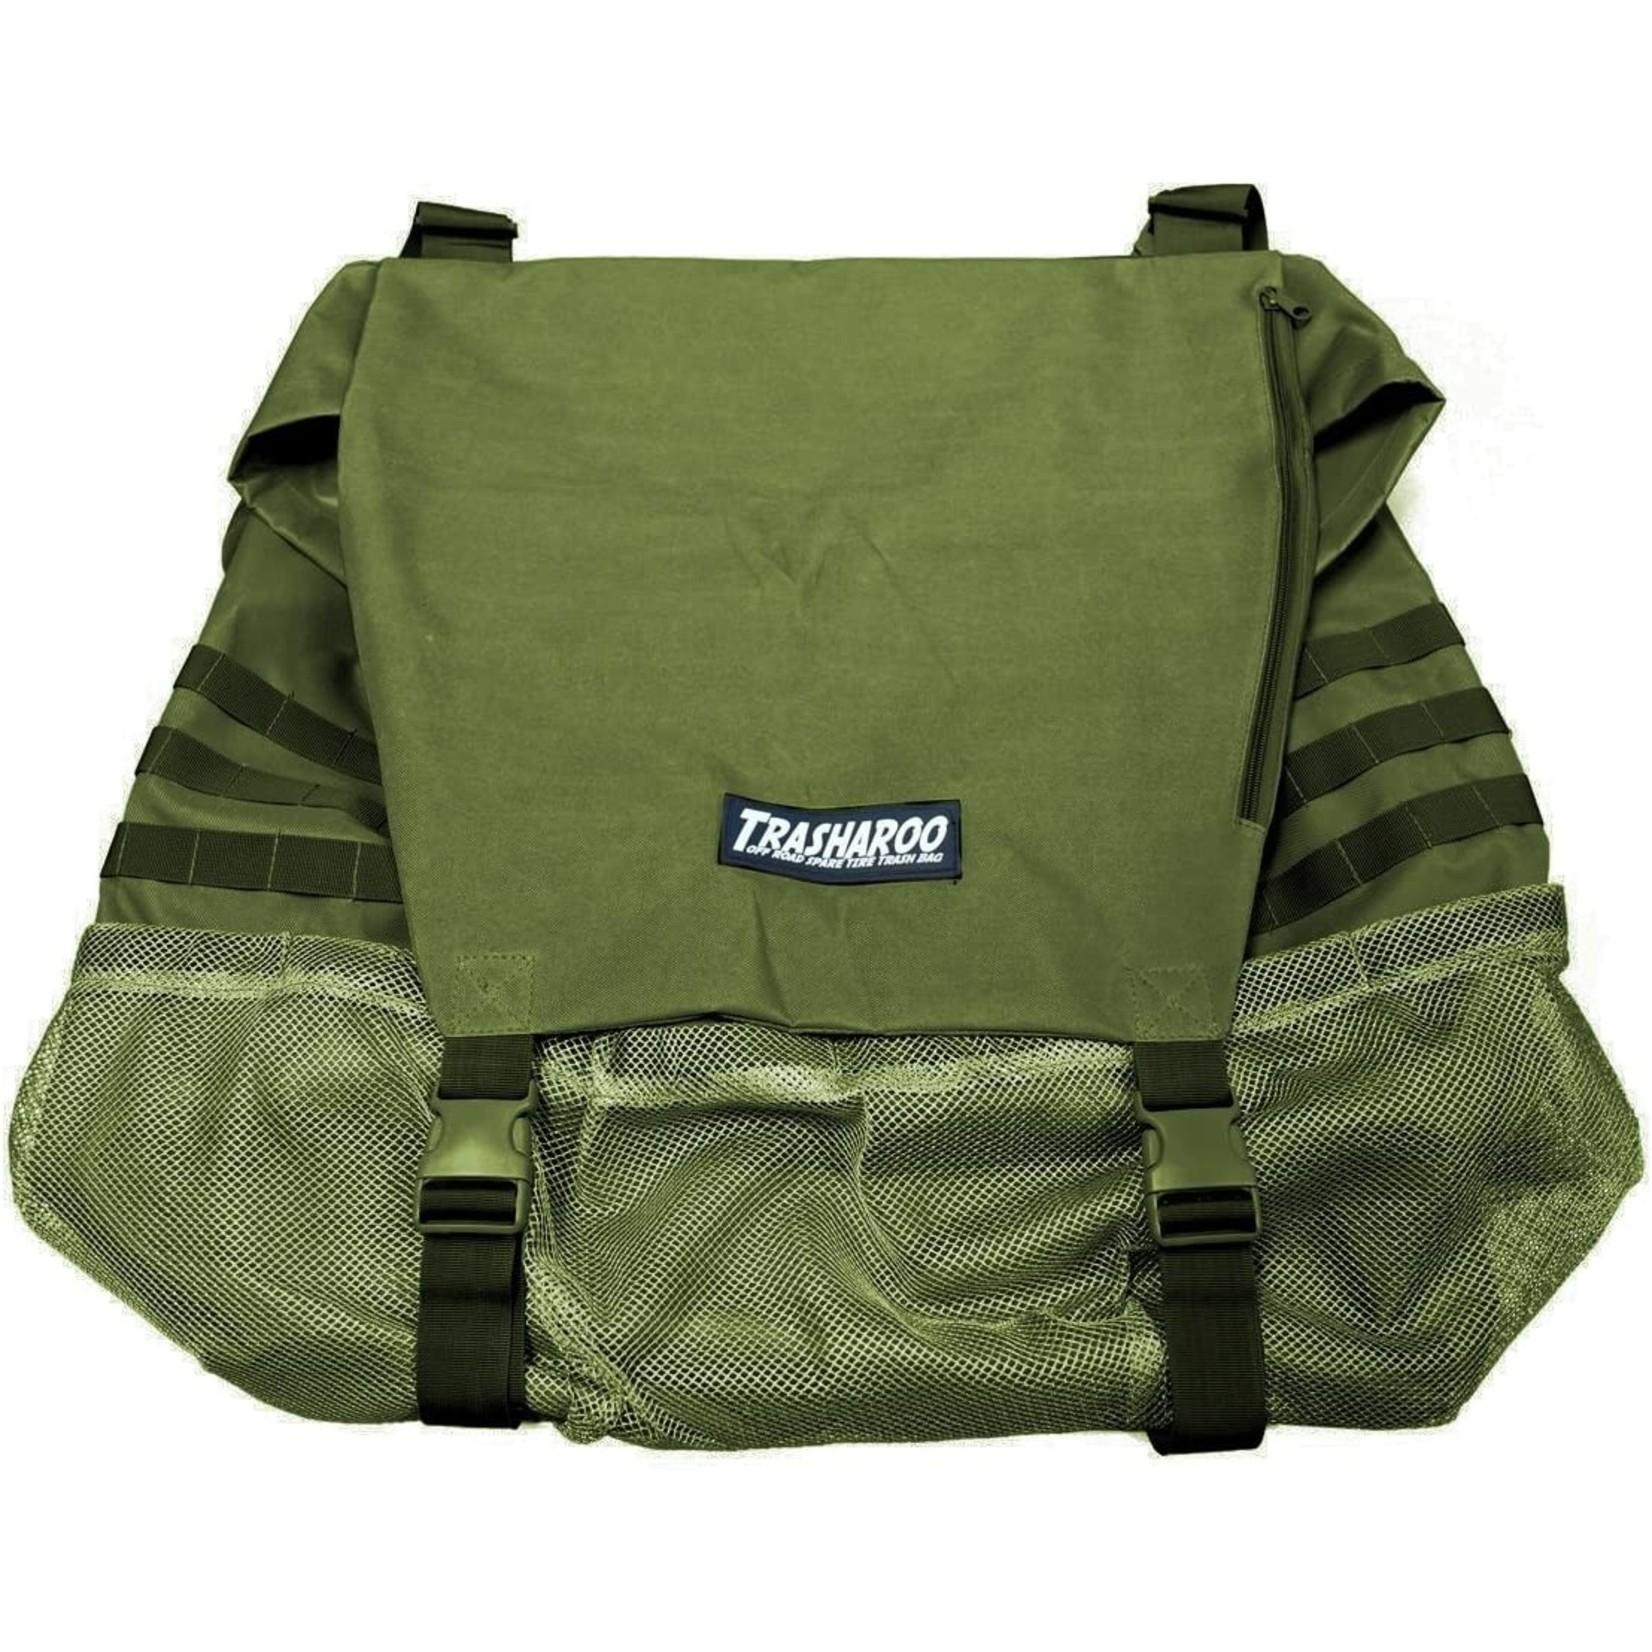 Trasharoo Gen 2 Trash Bag